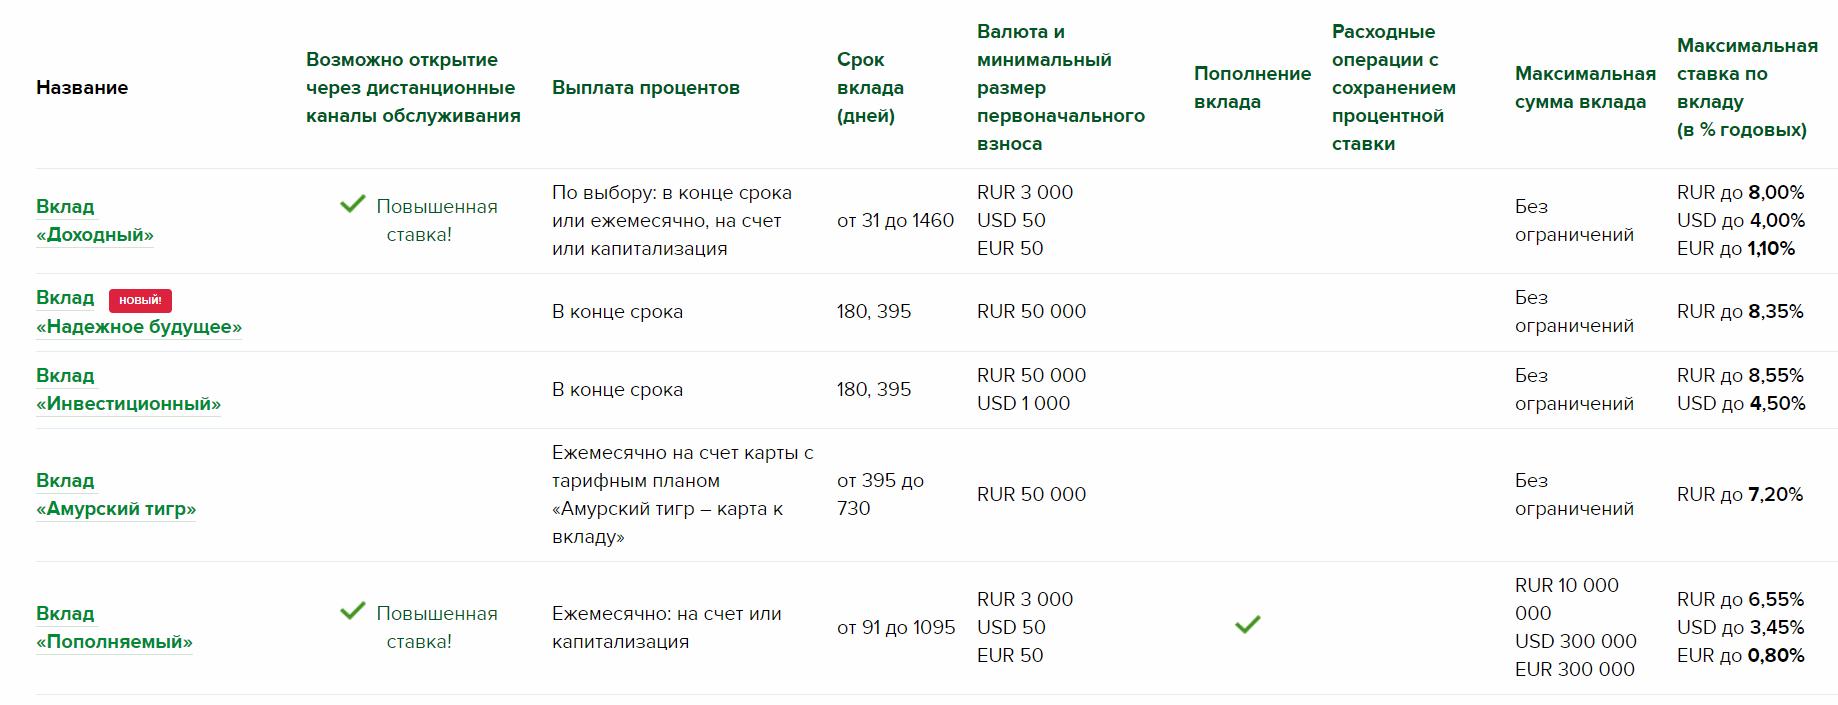 Сводная таблица вкладов Россельхозбанка